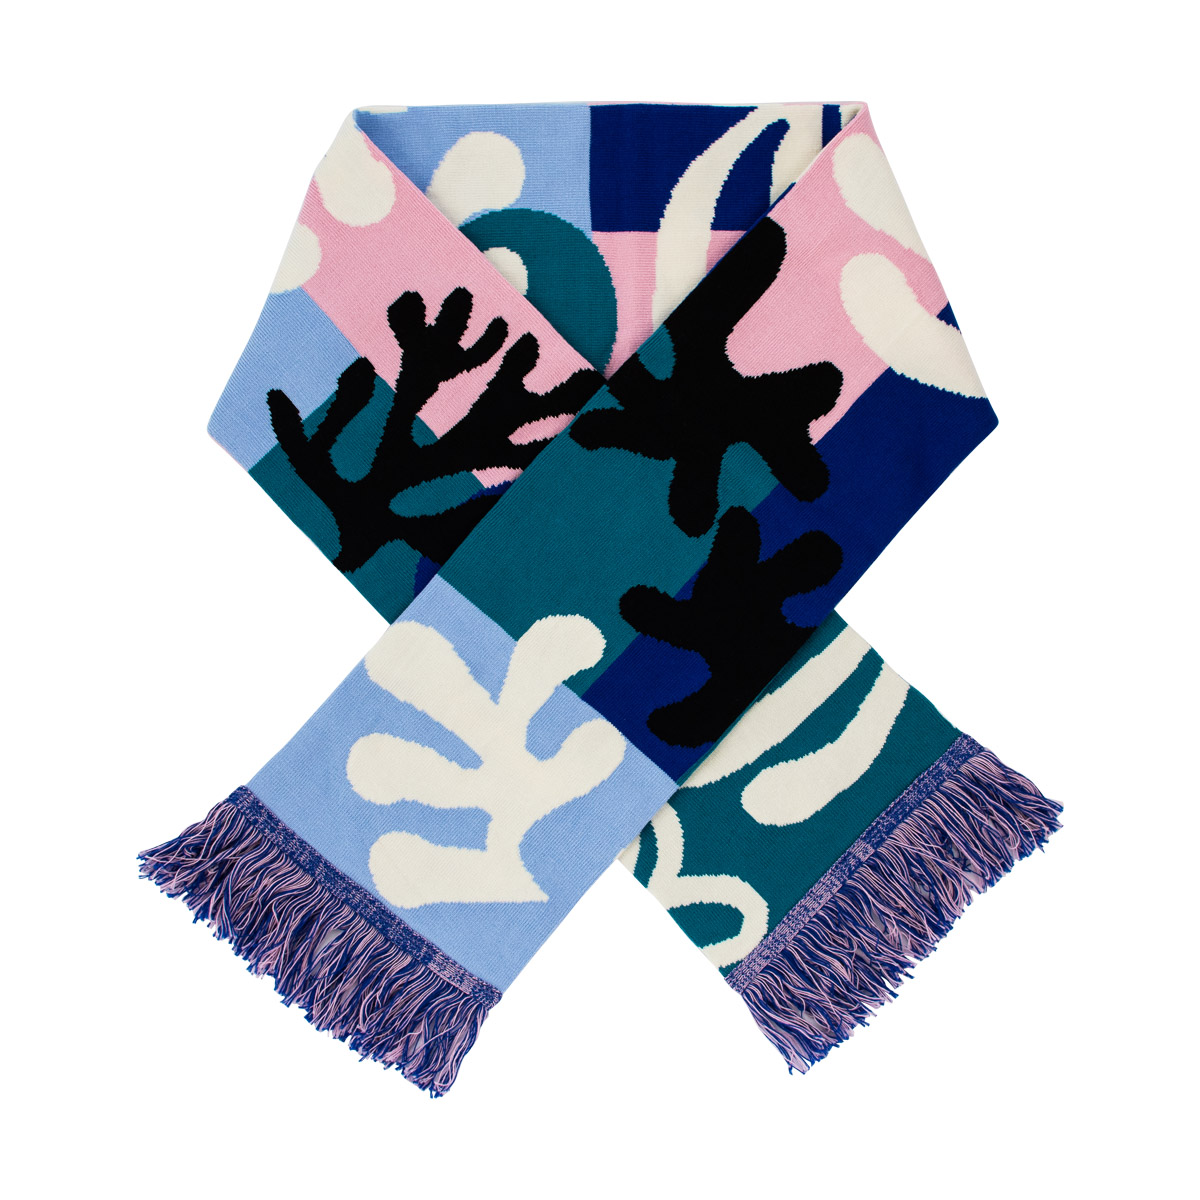 scarf_cotton_reef_kabak_5903678202194